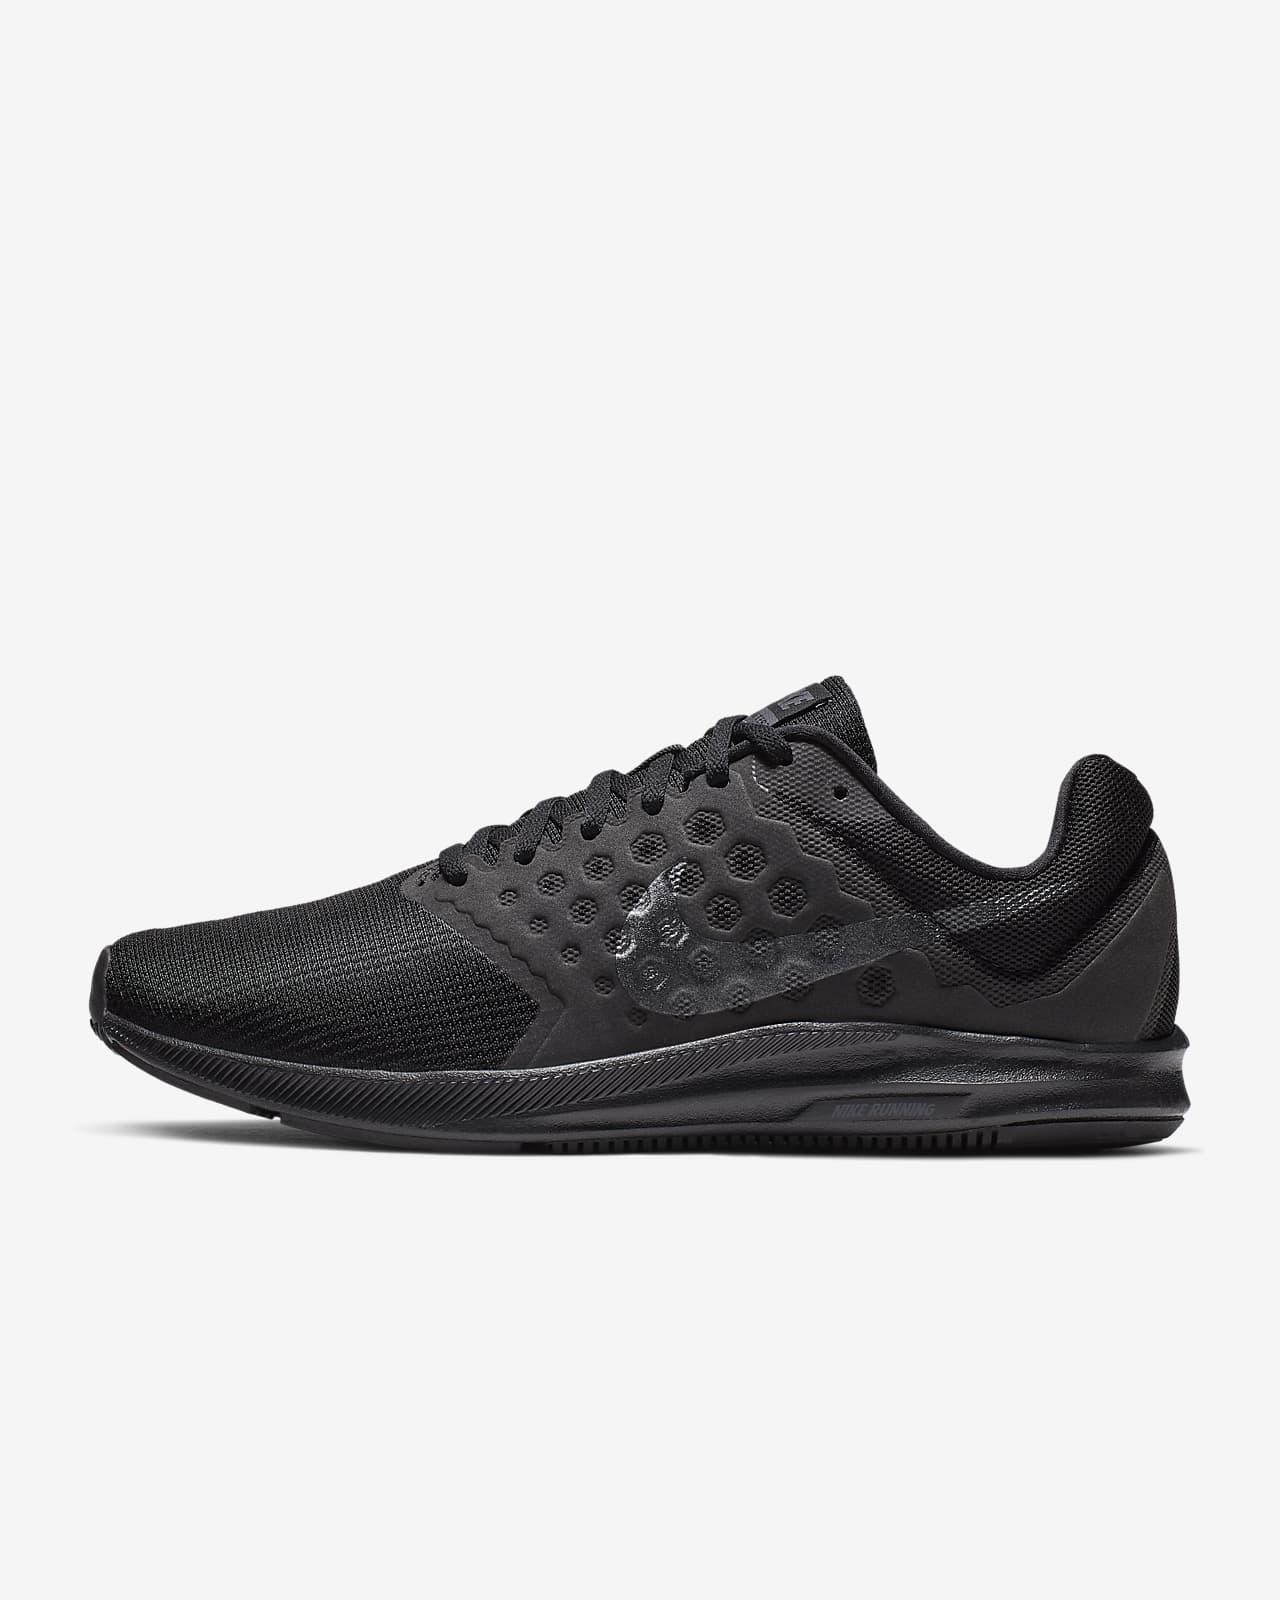 Męskie buty do biegania Nike Downshifter 7